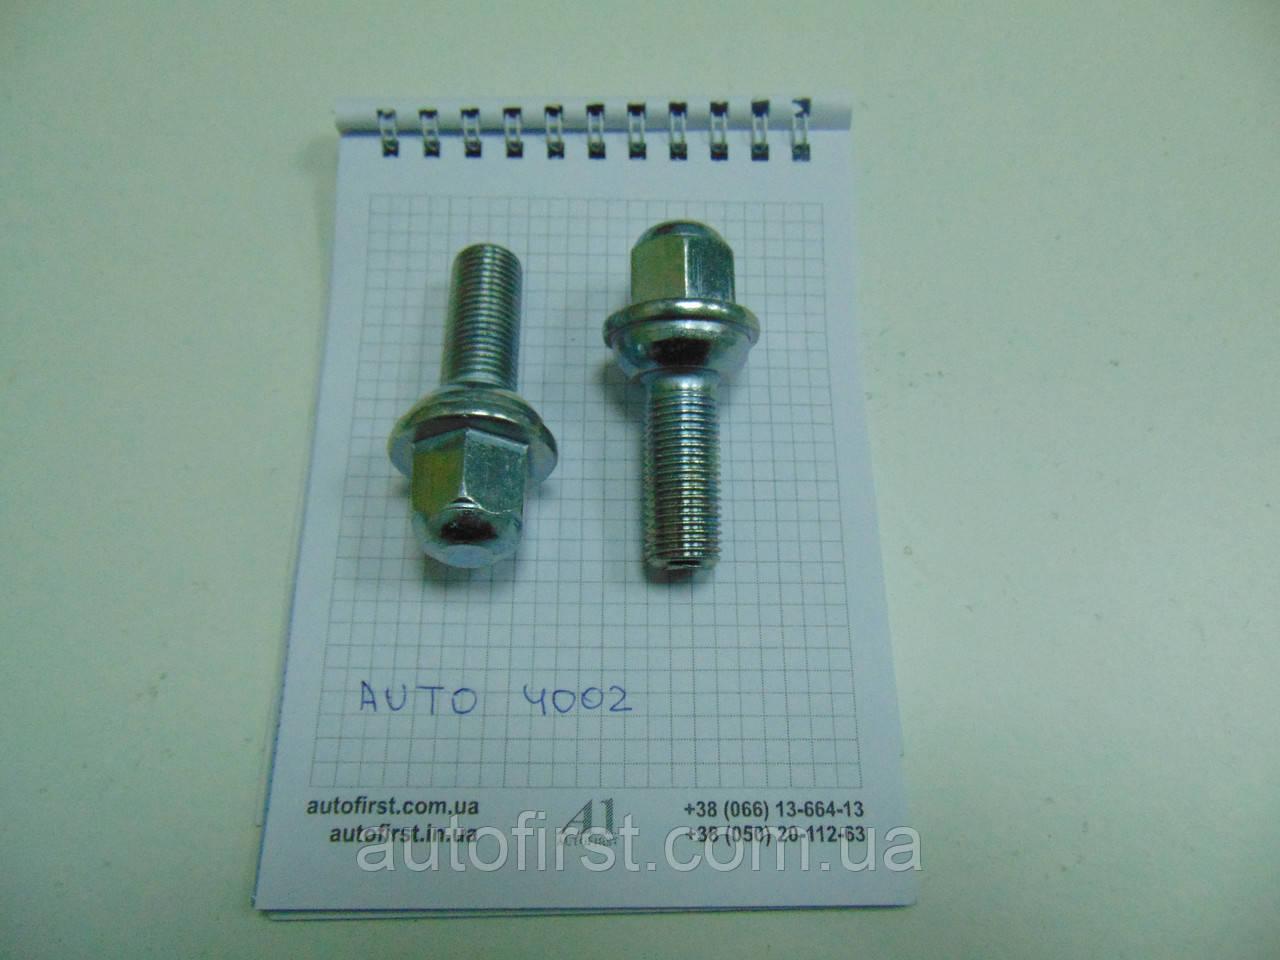 Autotechteile 4002 Болт колесный (OE 6014010270)